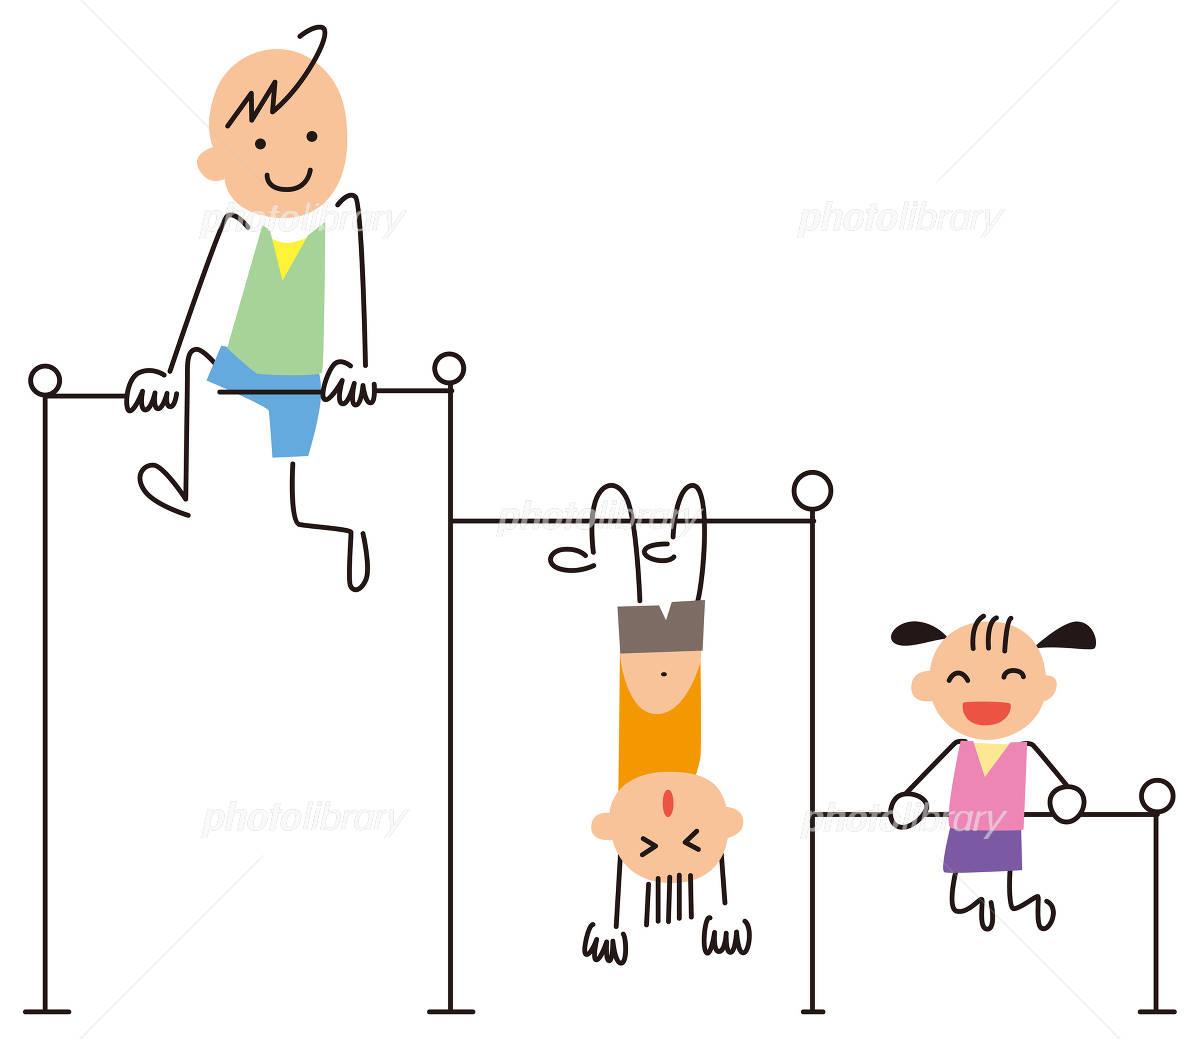 鉄棒で遊ぶ子供 イラスト素材 4879248 フォトライブラリー